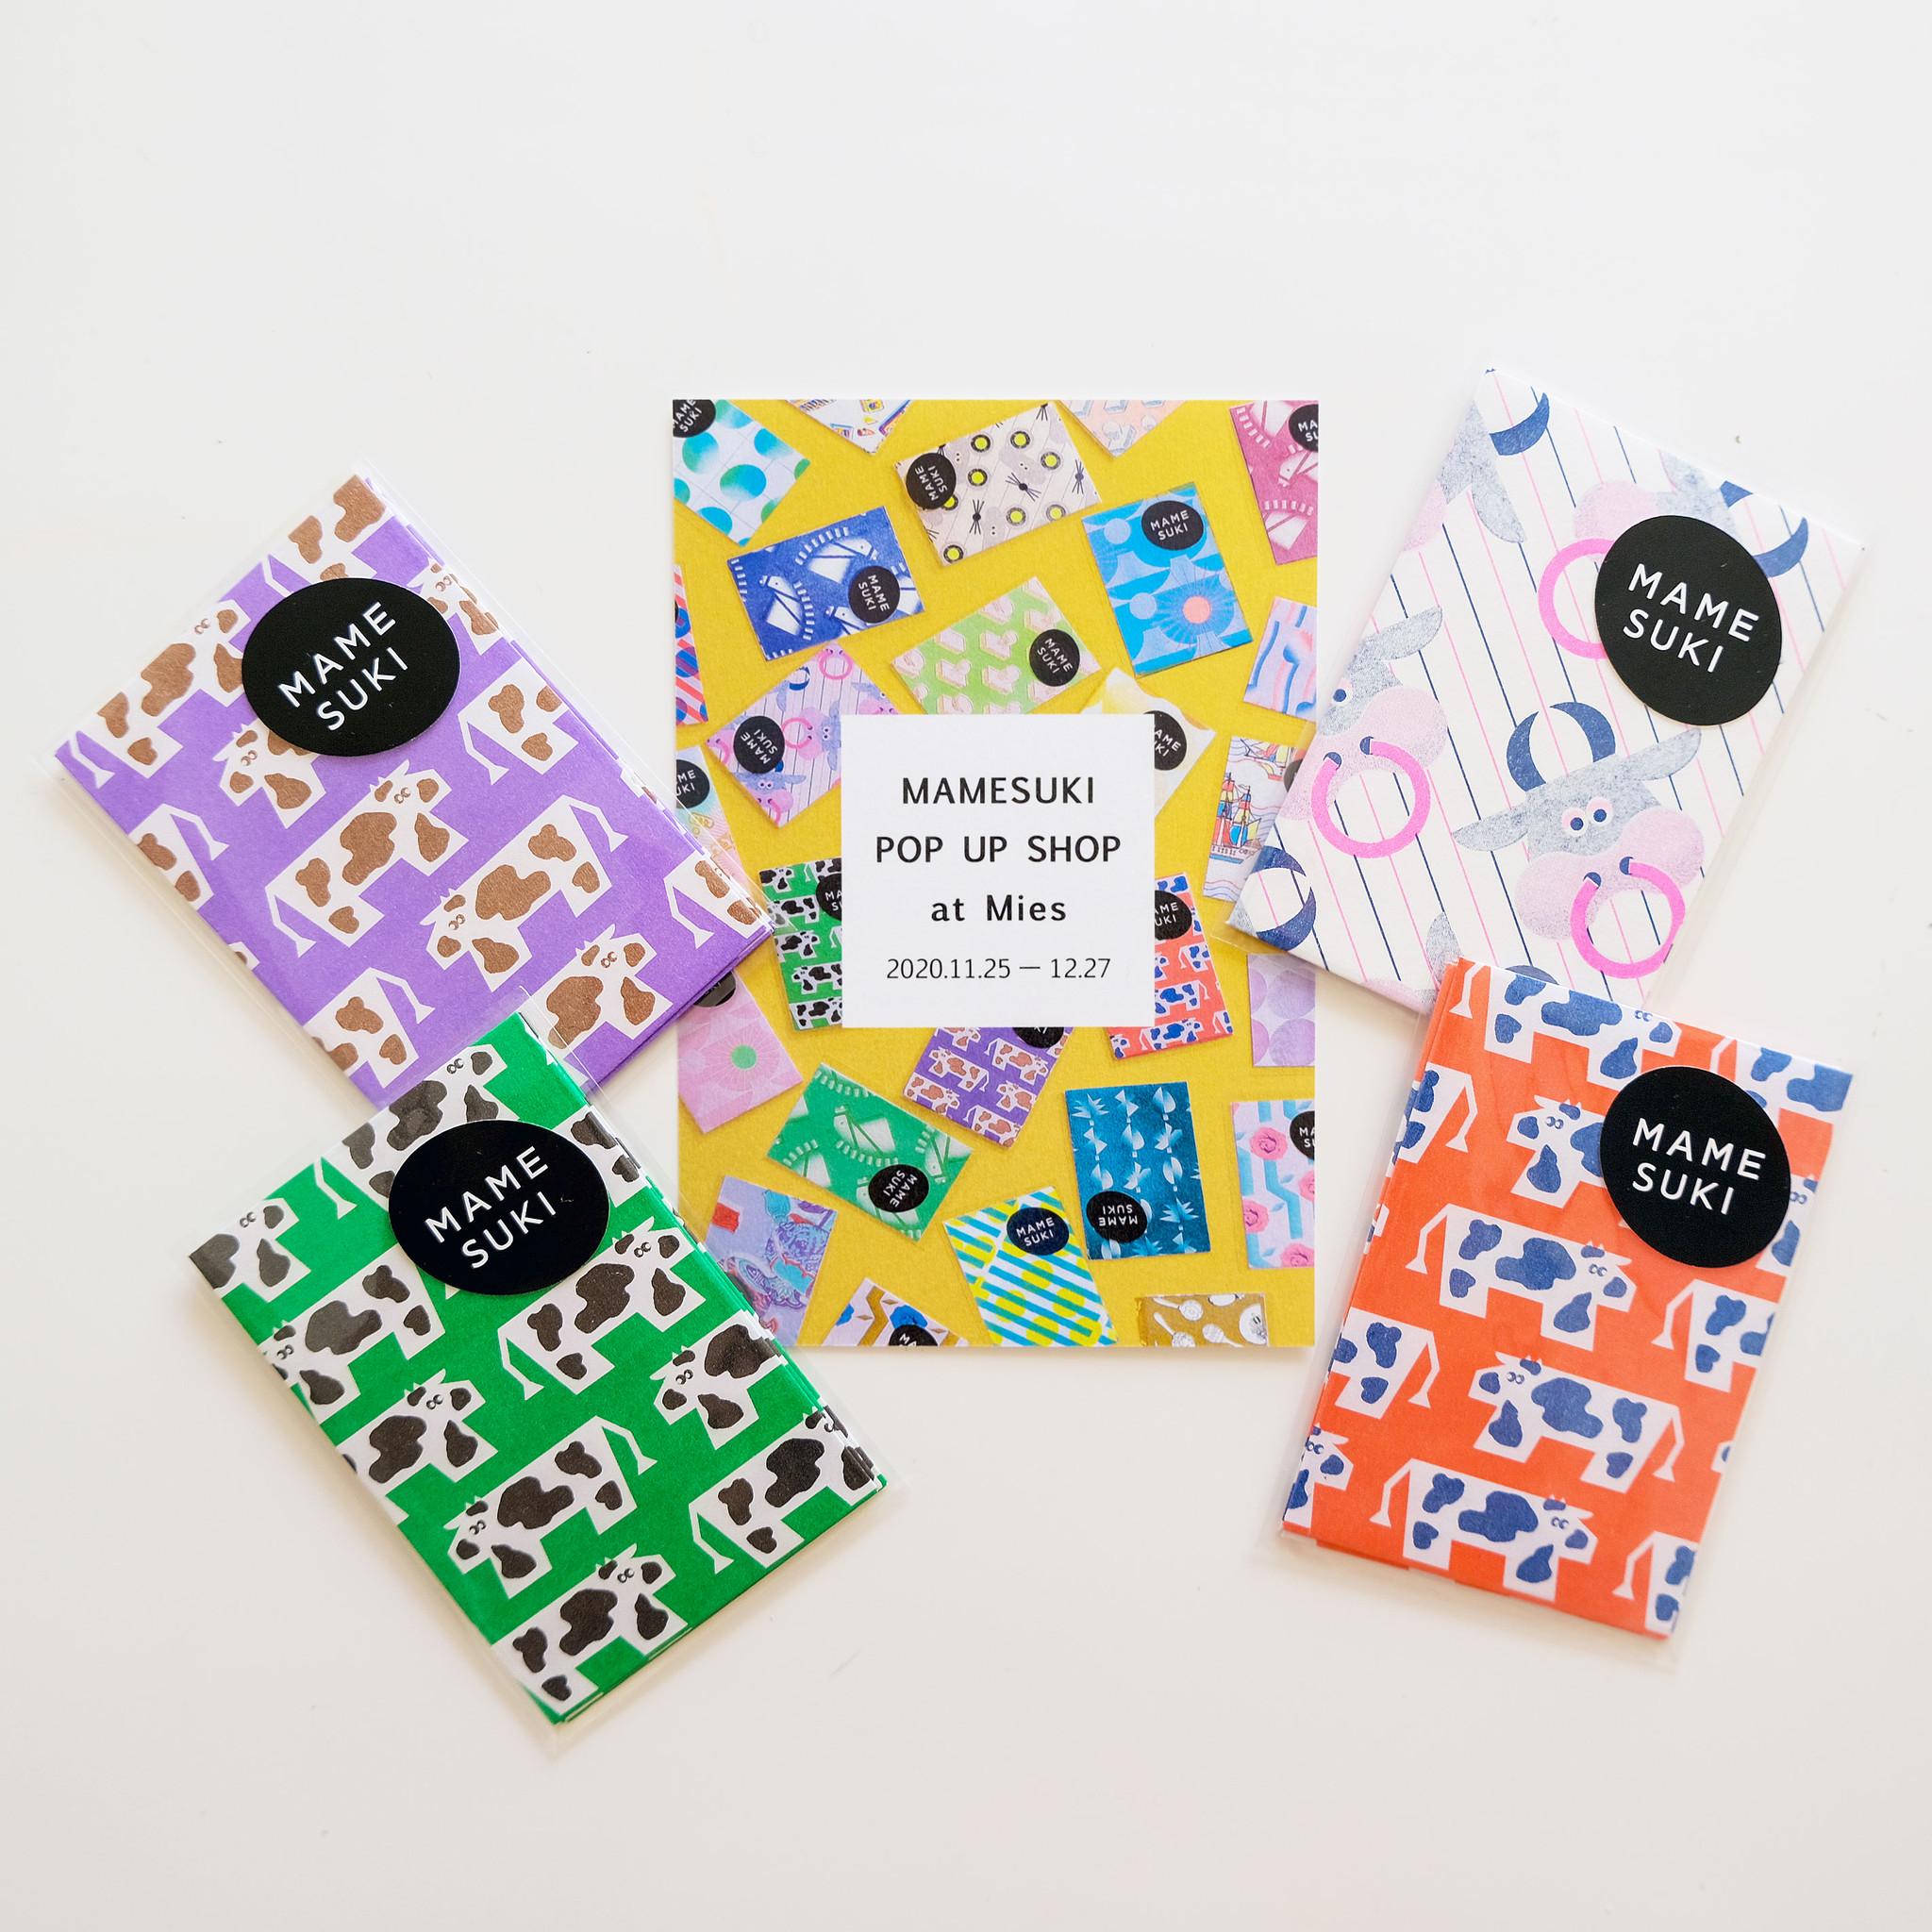 【お知らせ】JUHAさん(西荻窪)にて12/30までMAMESUKIの4種のポチ袋を販売中です